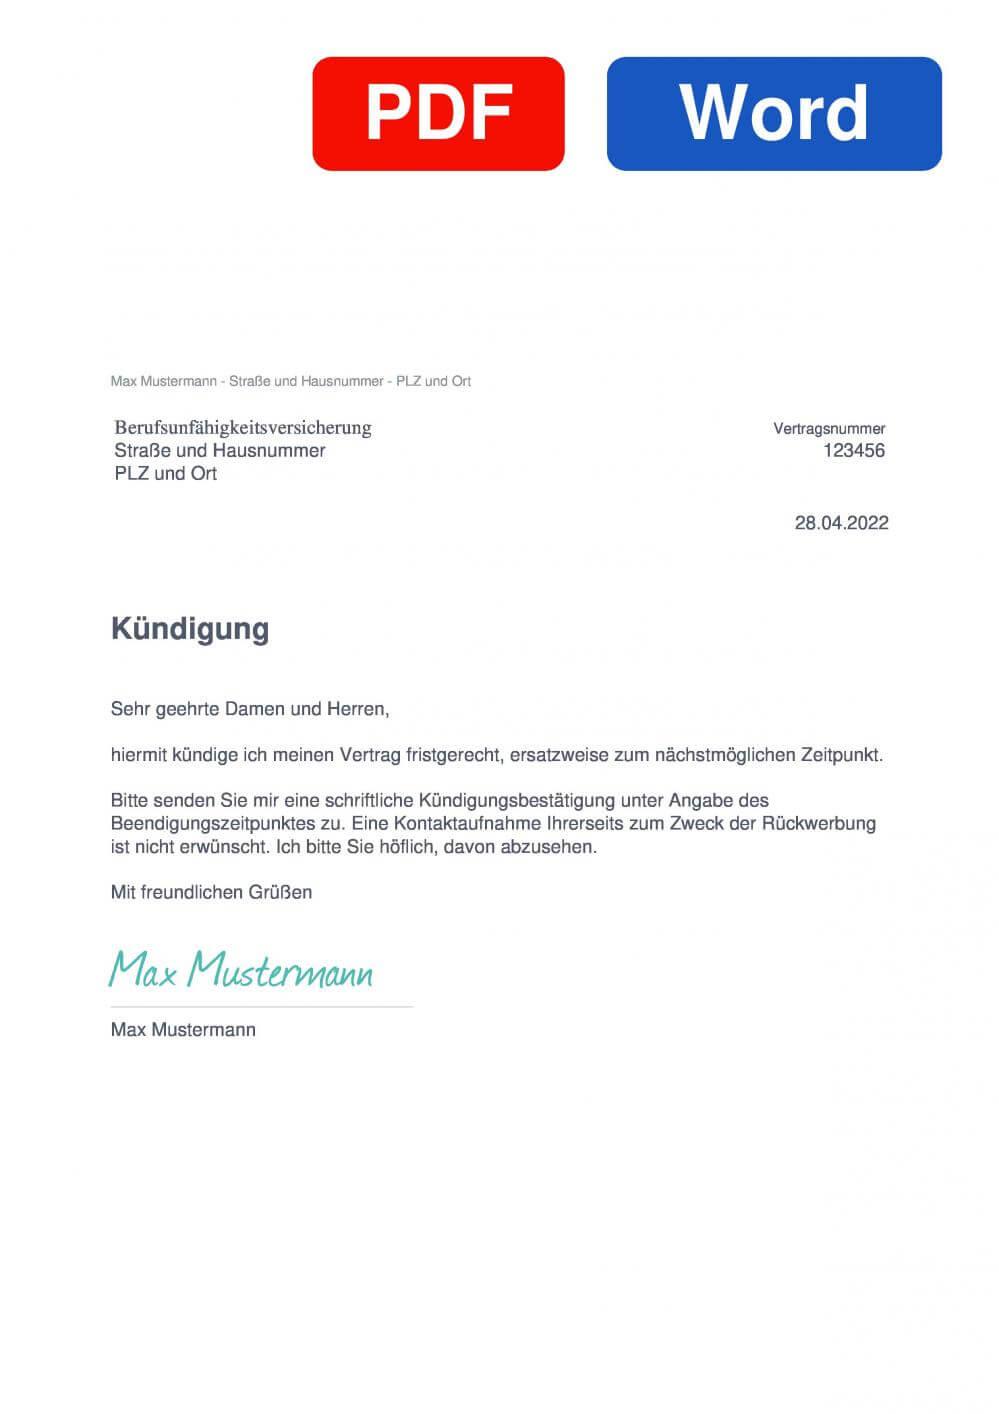 Berufsunfähigkeitsversicherung Muster Vorlage für Kündigungsschreiben